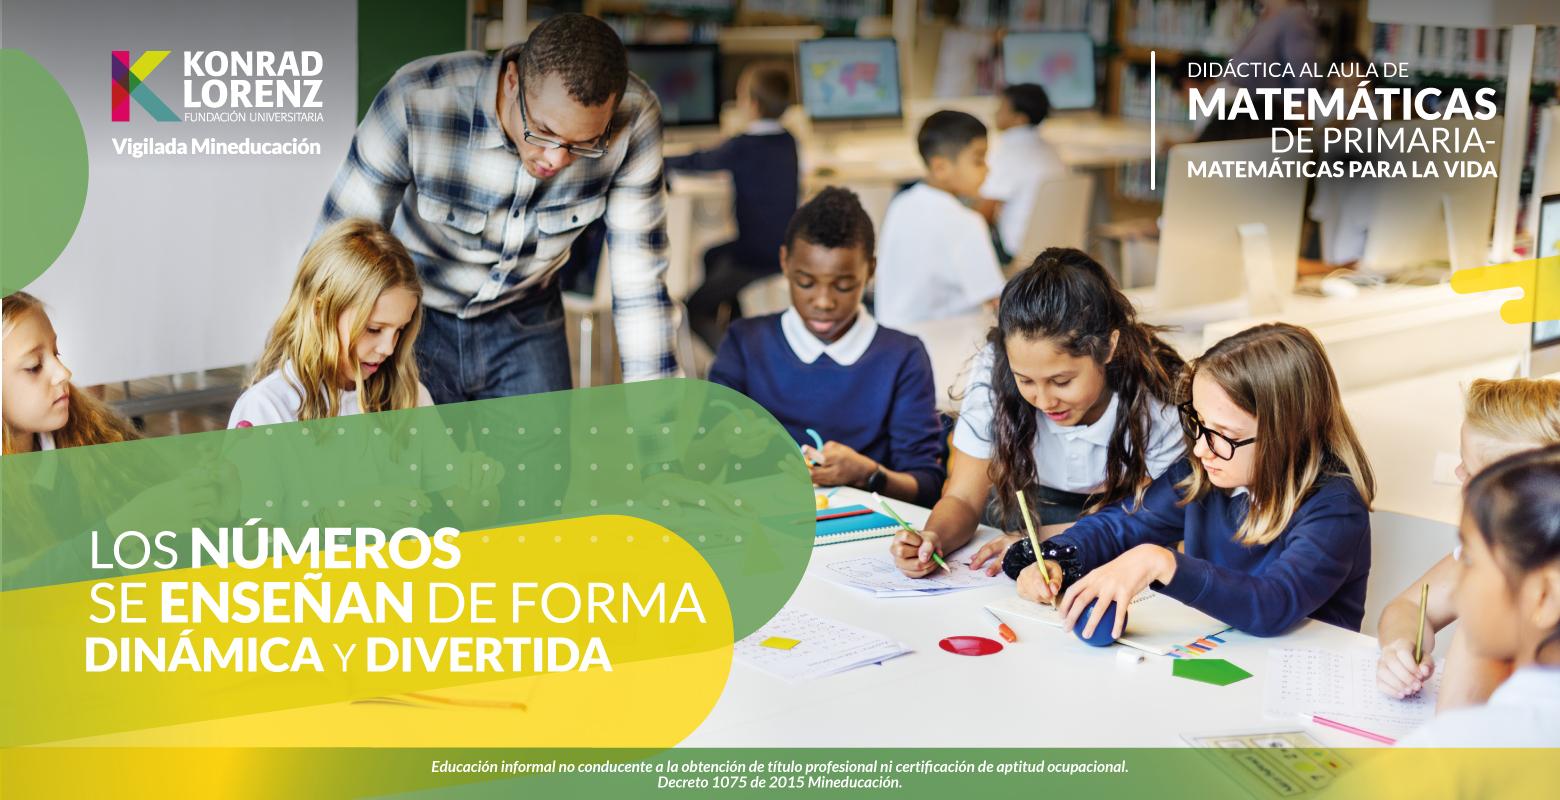 Didáctica al aula de matemáticas de primaria: matemáticas para la vida